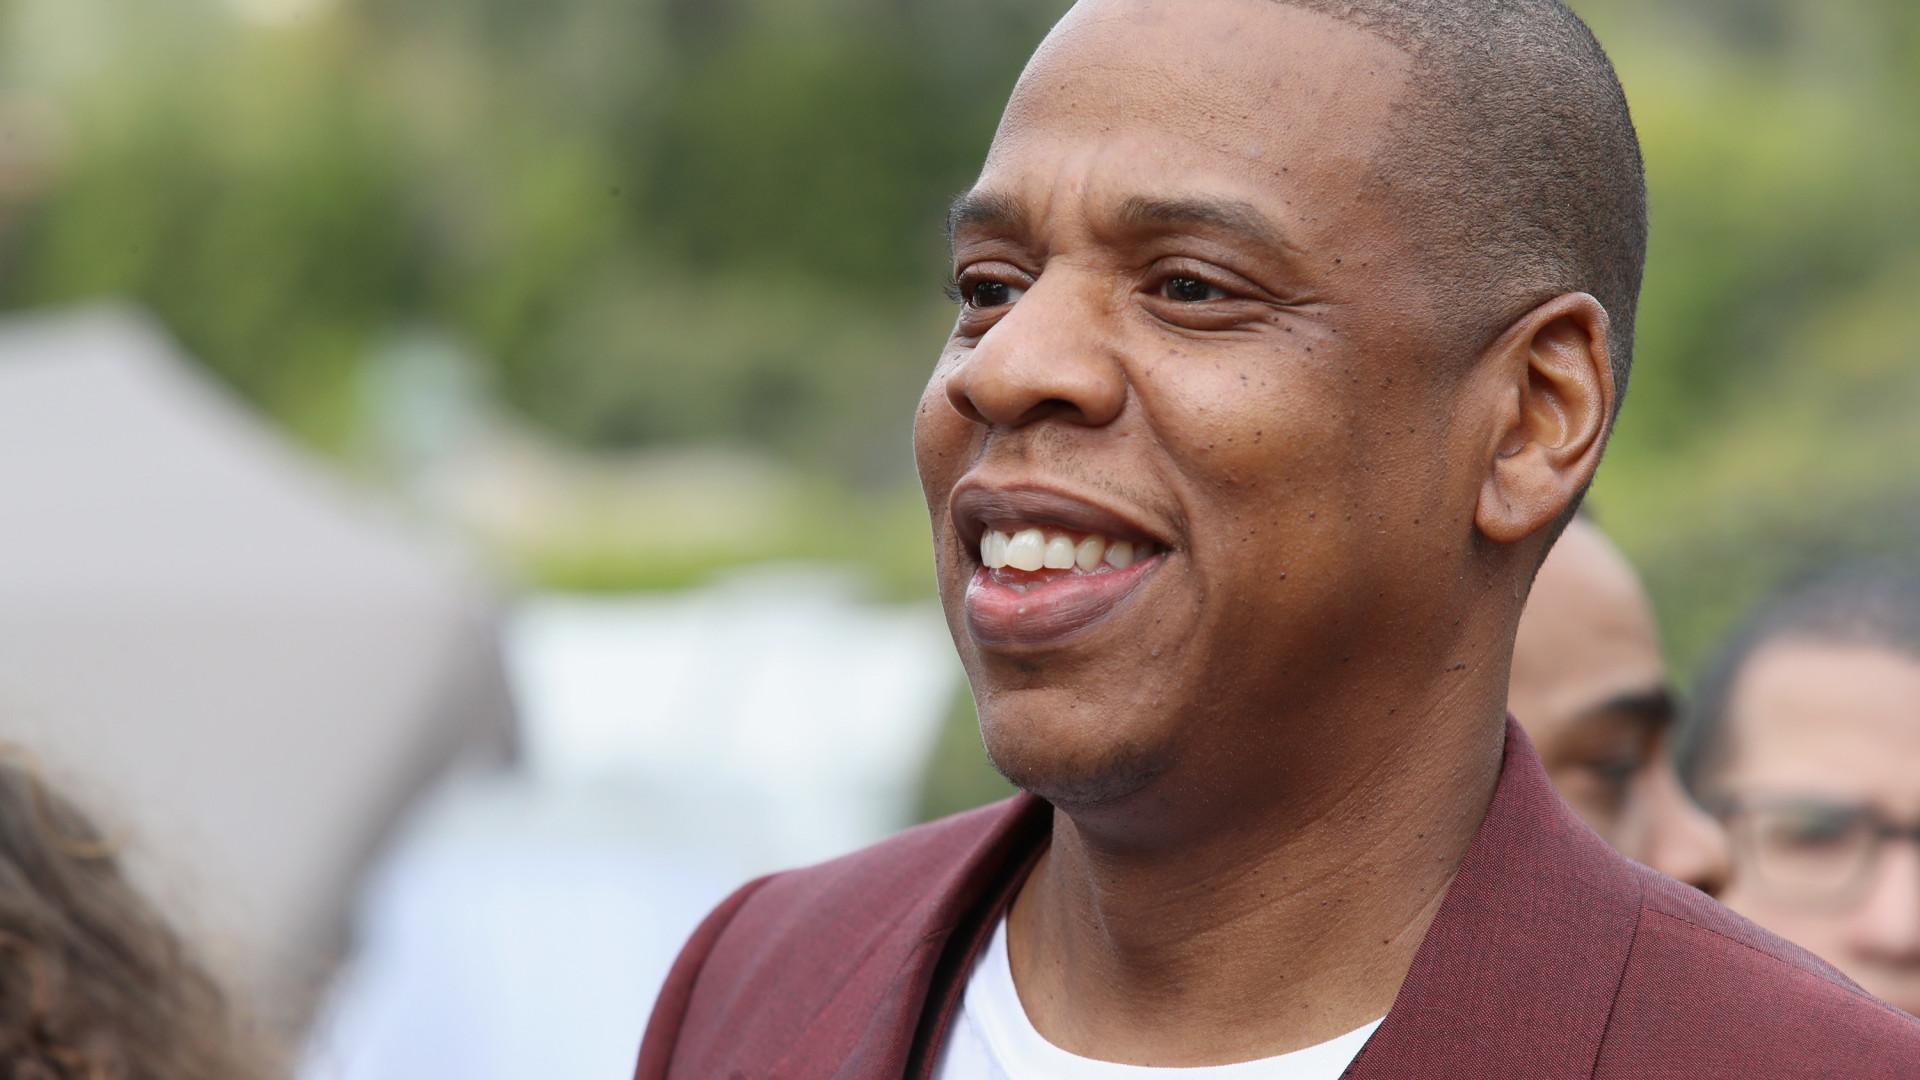 Homenagem de Jay-Z a George Floyd viraliza nas redes sociais